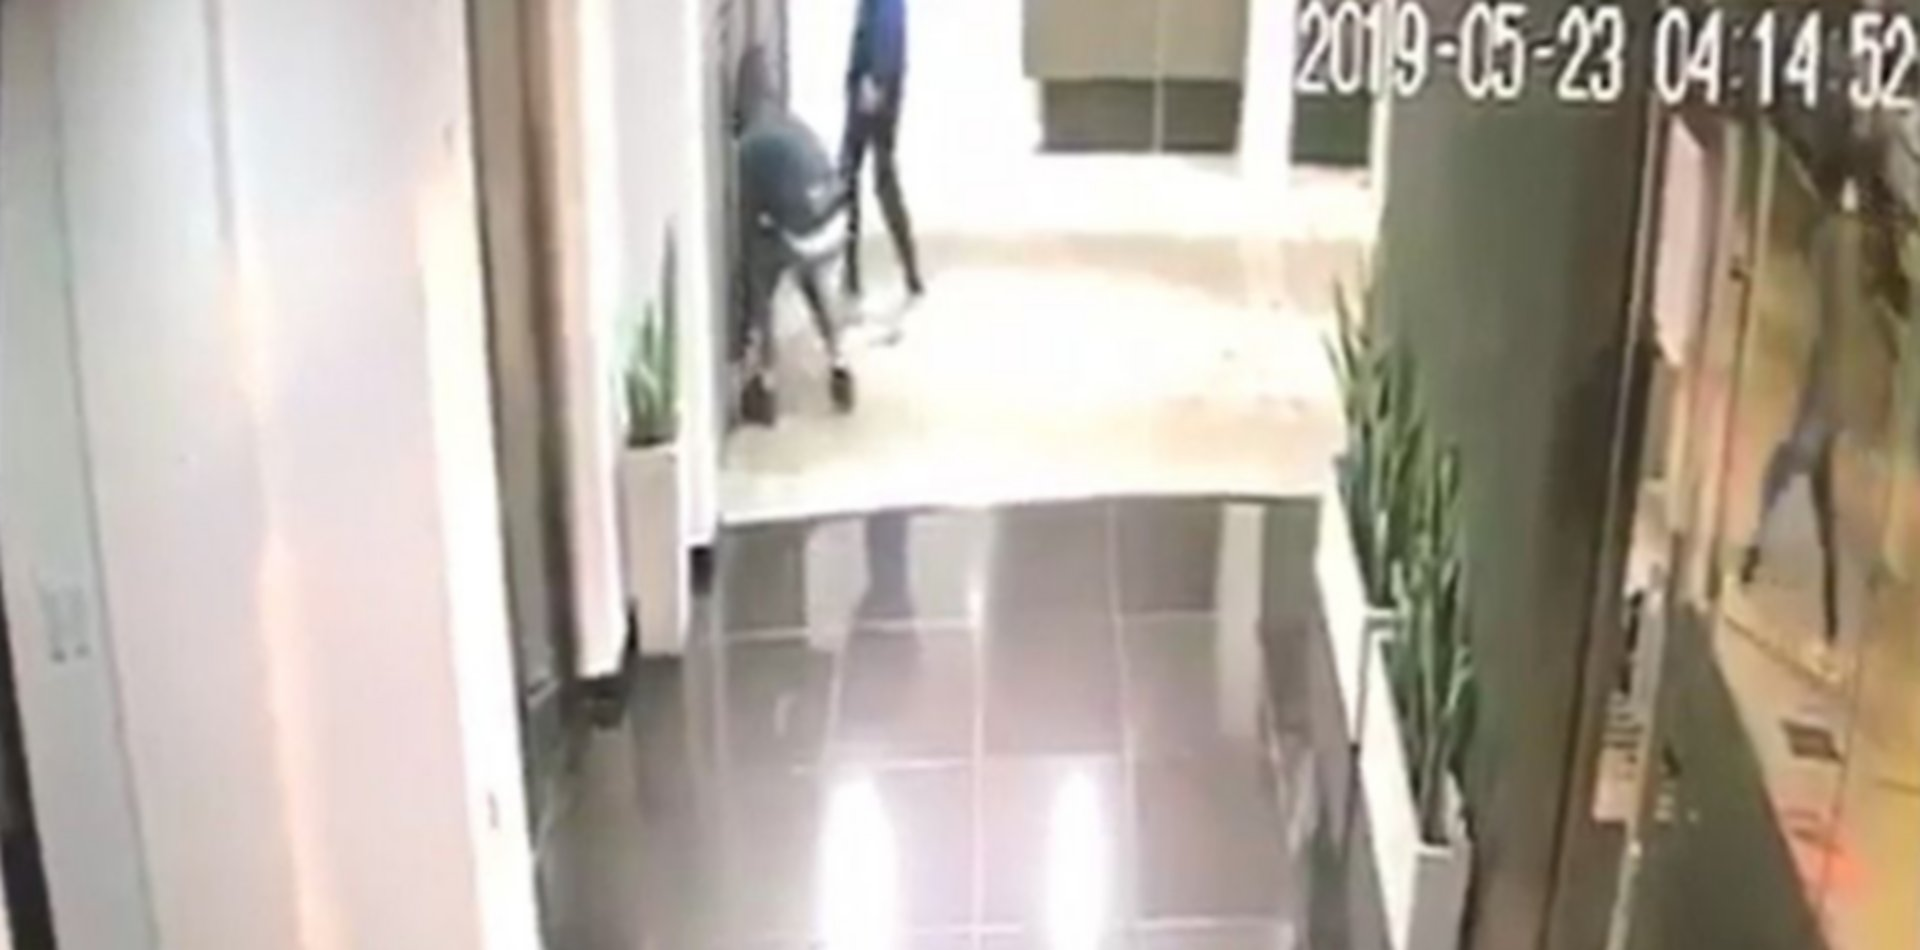 VIDEO: Cuatro ladrones, un portón y un fallido intento de robo en Barrio Norte